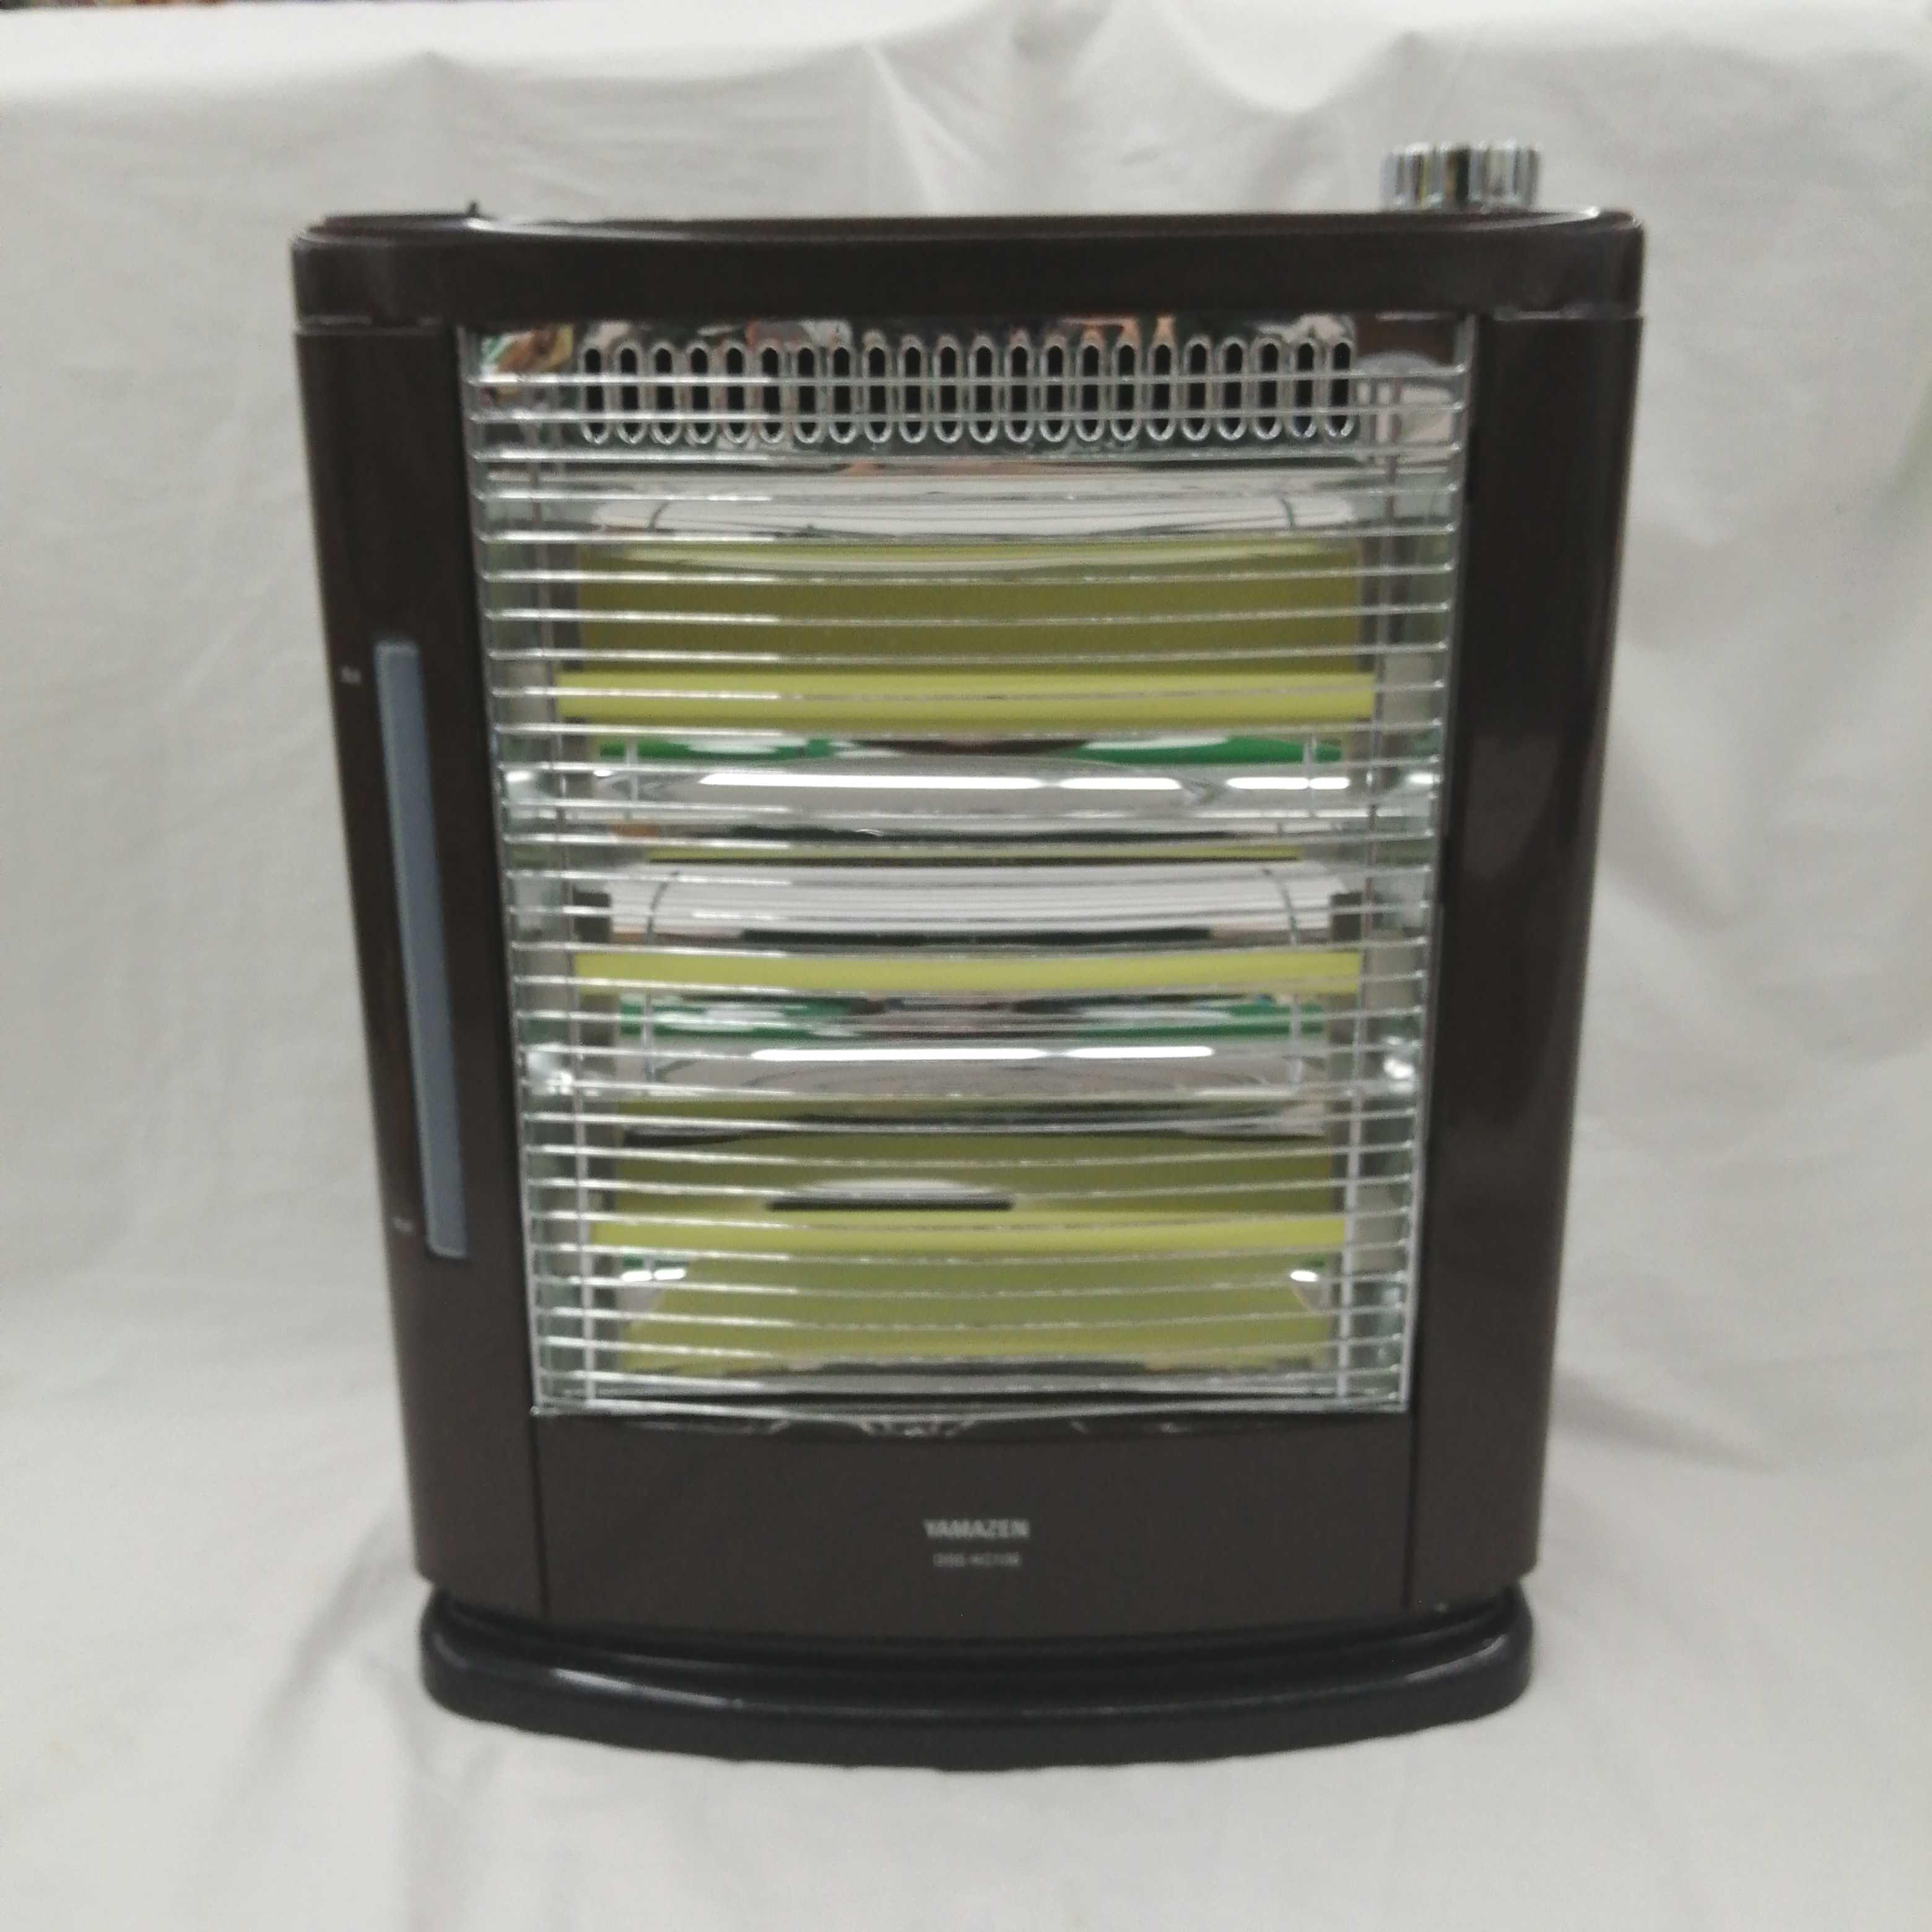 加湿機能付き 遠赤外線電気ストーブ|YAMAZEN